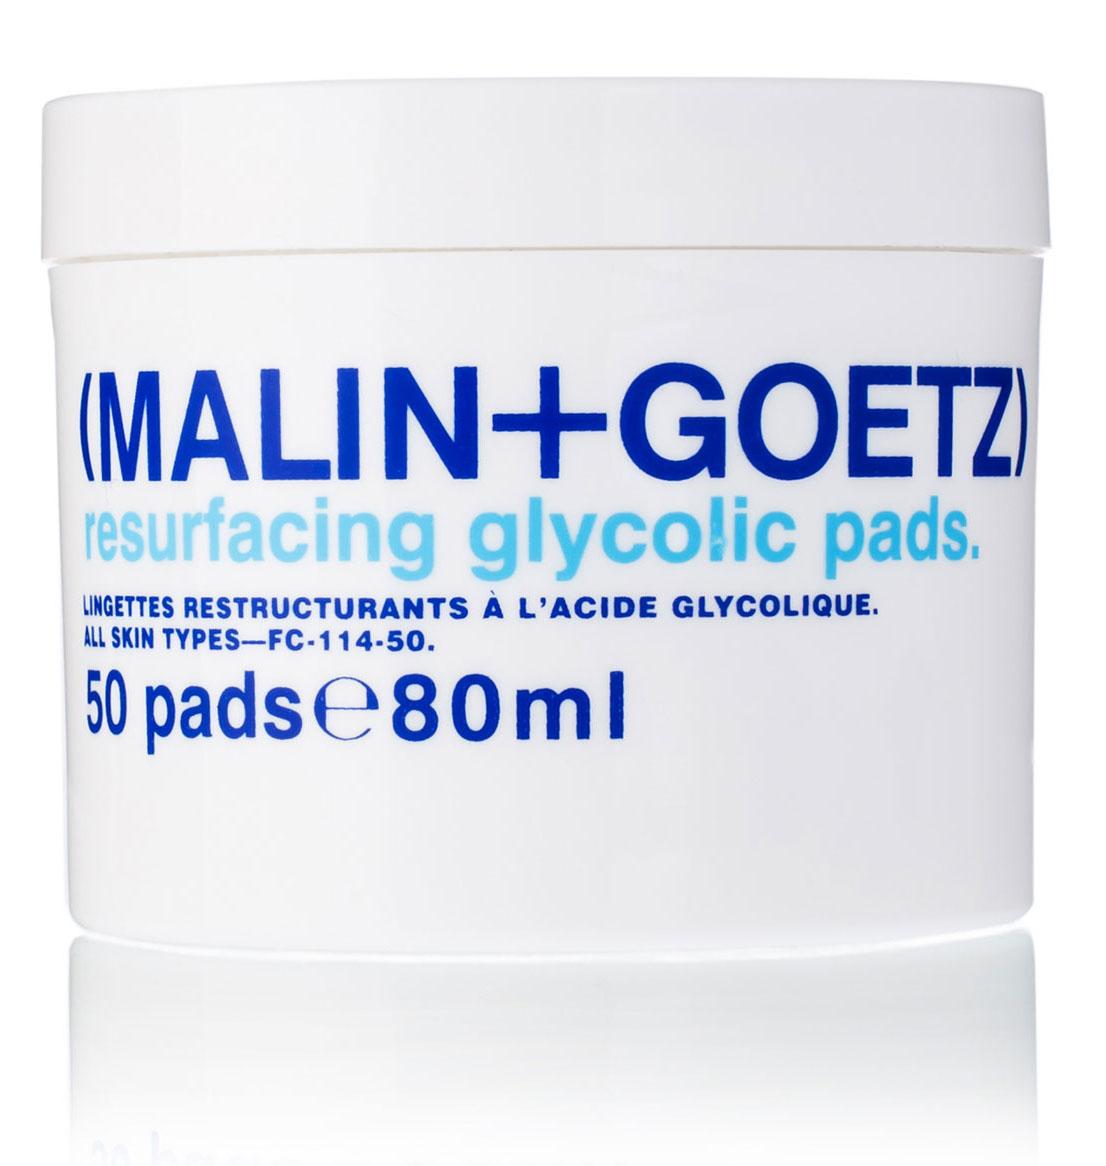 Malin+Goetz Обновляющие диски для лица, 50 шт72523WDОтшелушивающее средство салонного уровня. Ватные диски, пропитанные гликолевой кислотой, удаляют ороговевшие клетки кожи, стимулируют ее обновление и производство коллагена, что позволяет визуально уменьшить мелкие морщинки и придать коже свежий и здоровый вид. Гликолевая кислота эффективно очищает поры, обновляет кожу, улучшая ее текстуру и не вызывая негативных последствий агрессивного химического пилинга. Используйте в сочетании с антивозрастным уходом, либо с уходом для проблемной кожи. Диски имеют натуральный цвет и запах.